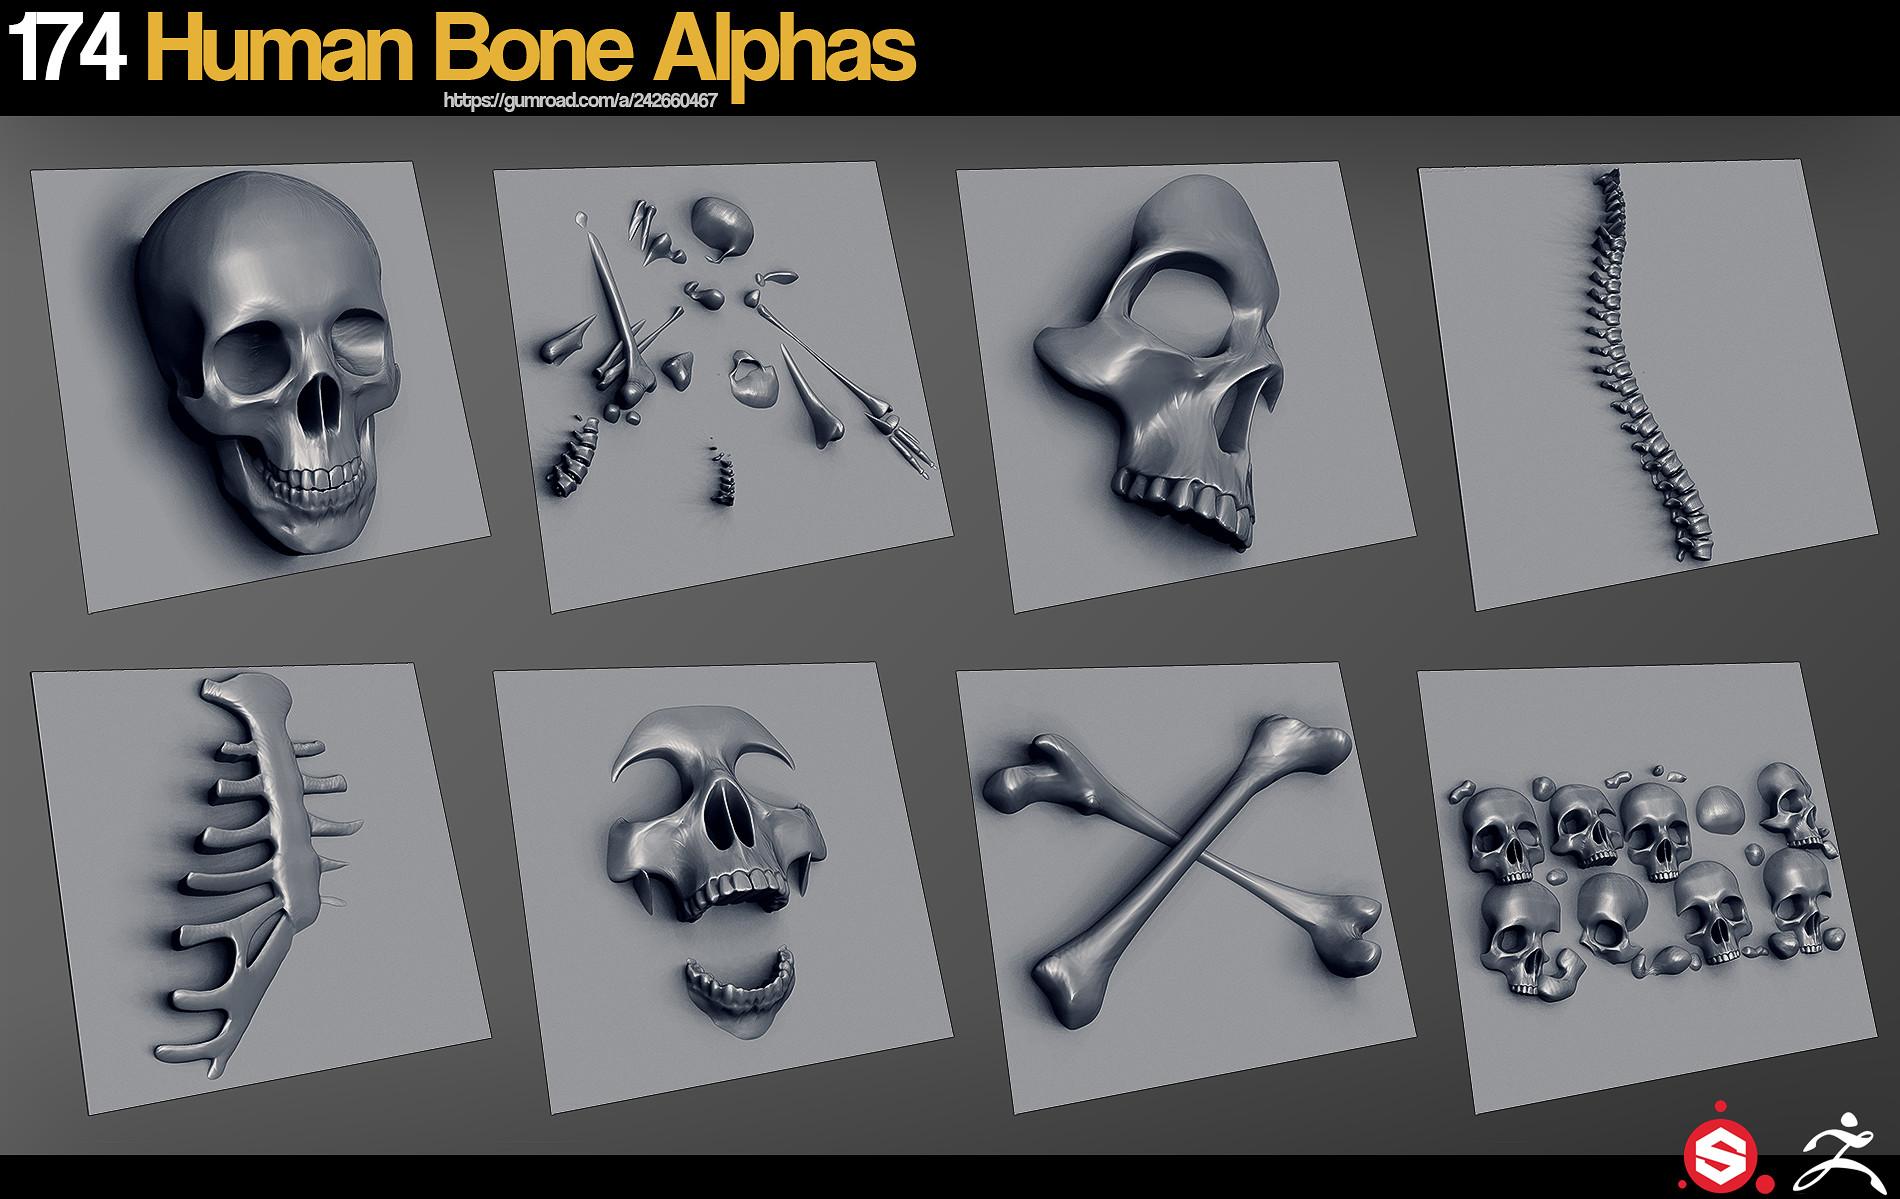 Jonas ronnegard humanbonealphas